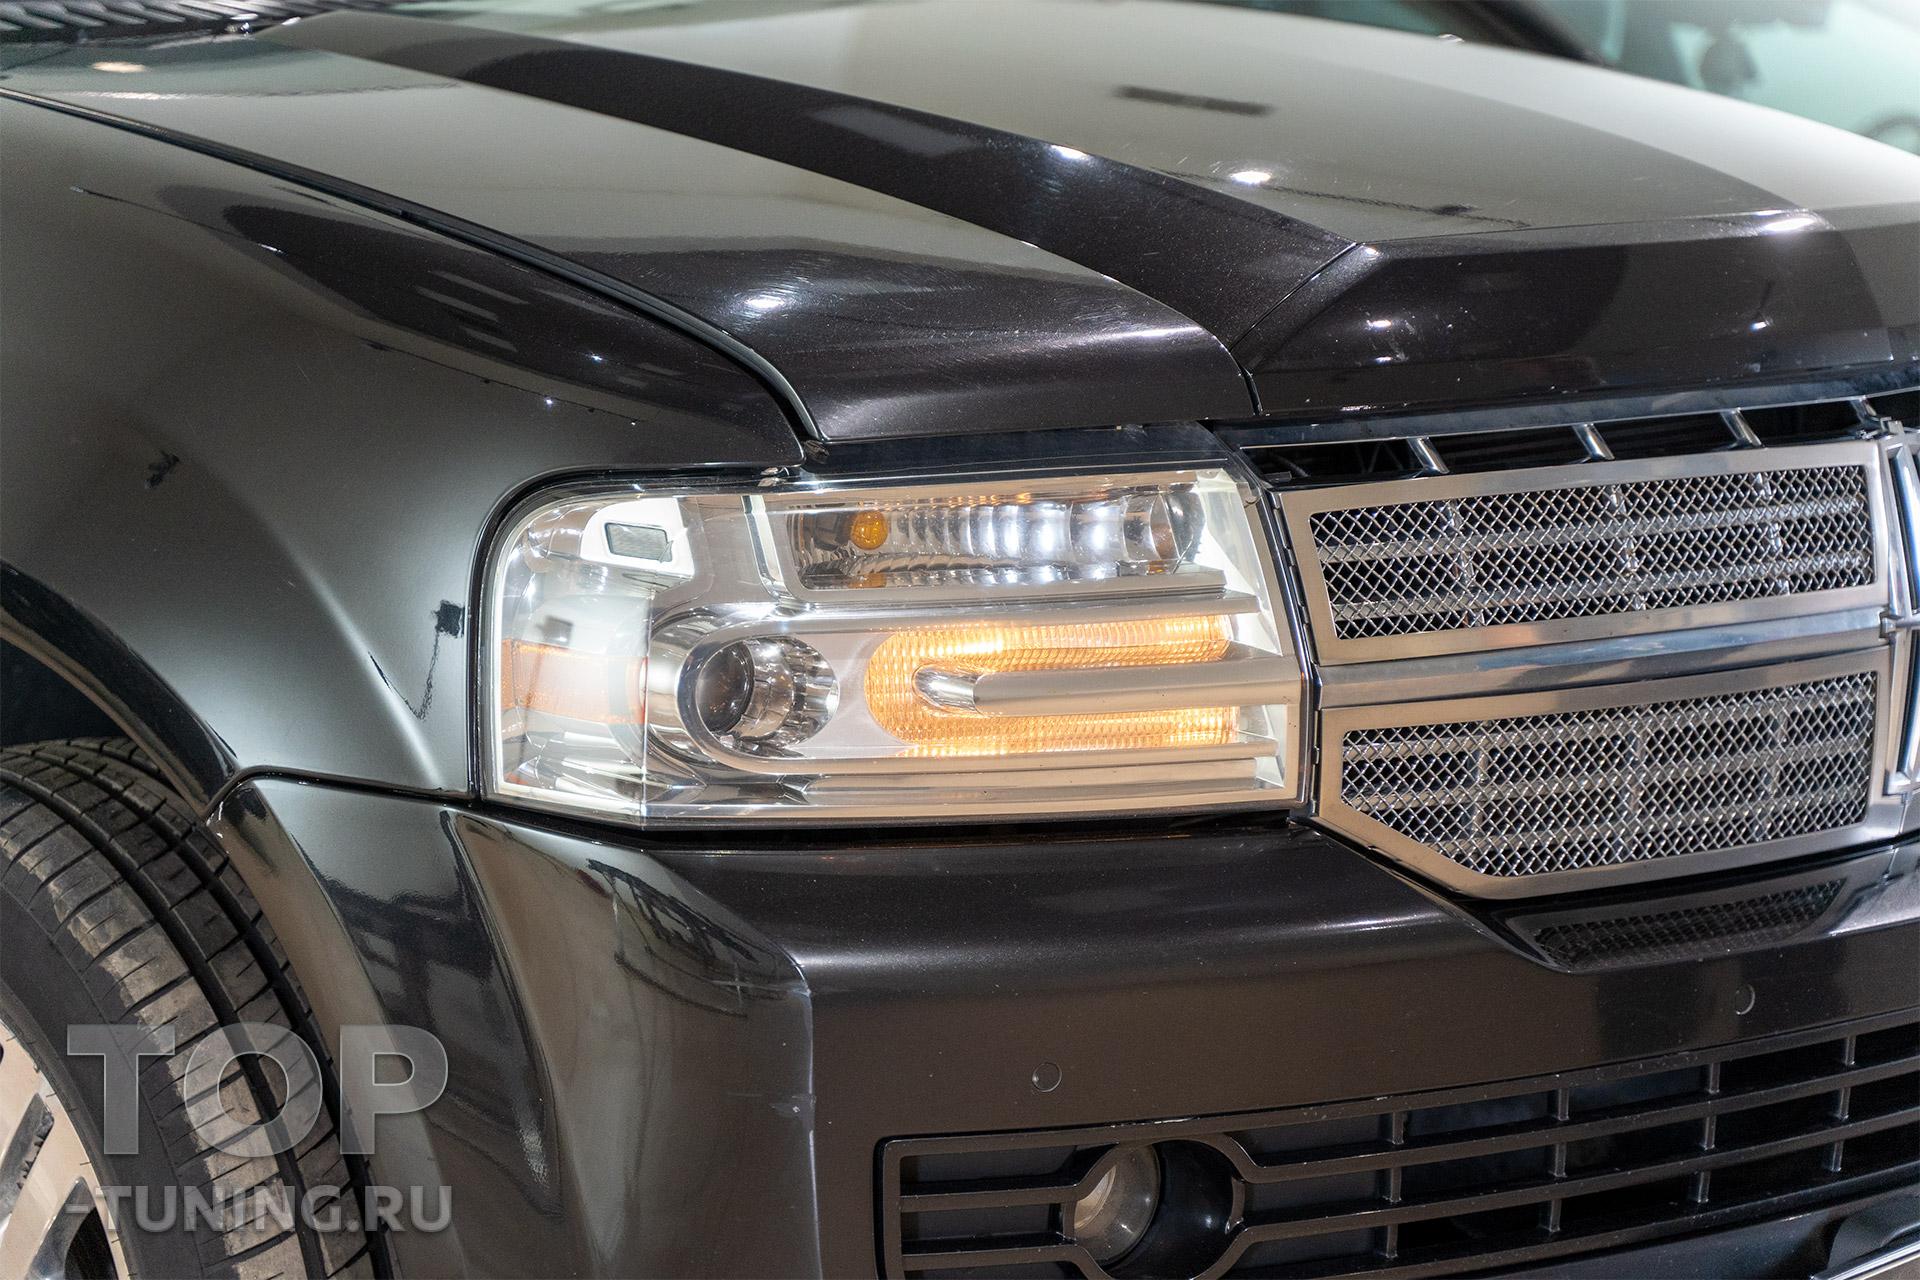 106047 Замена линз в оптике Lincoln Navigator III (штатный свет)